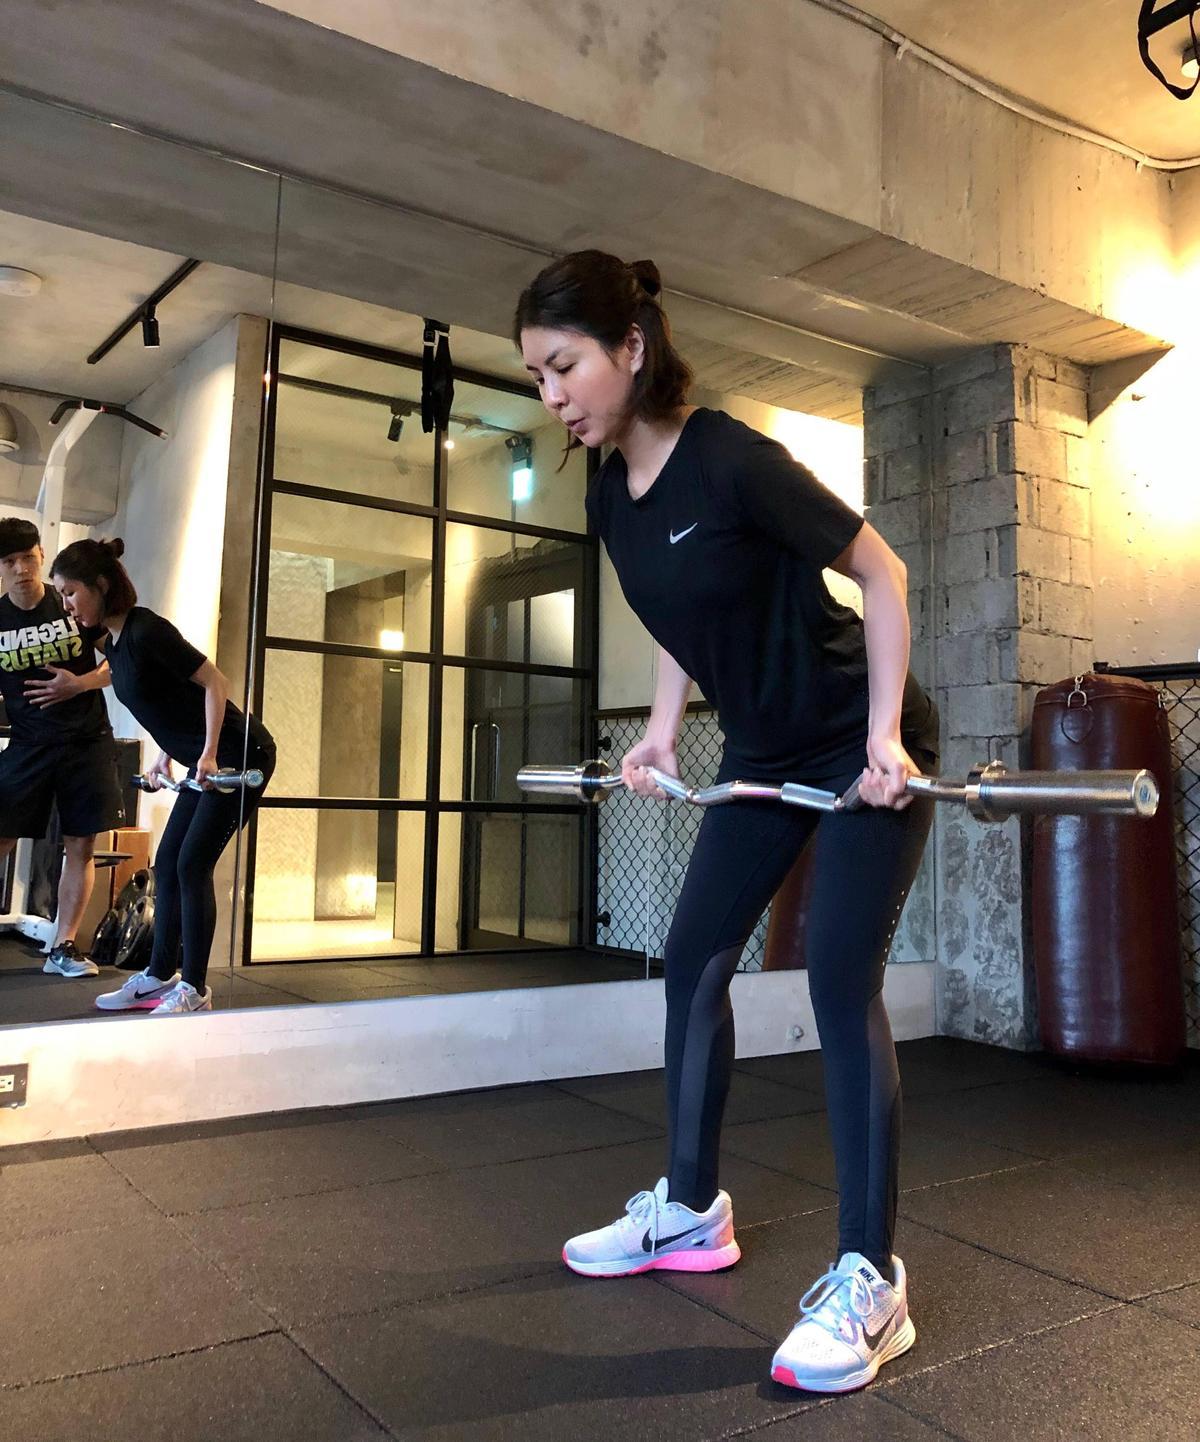 許茹芸密集上重訓課程練體力、耐力,更加入核心肌群訓練。(索尼唱片提供)